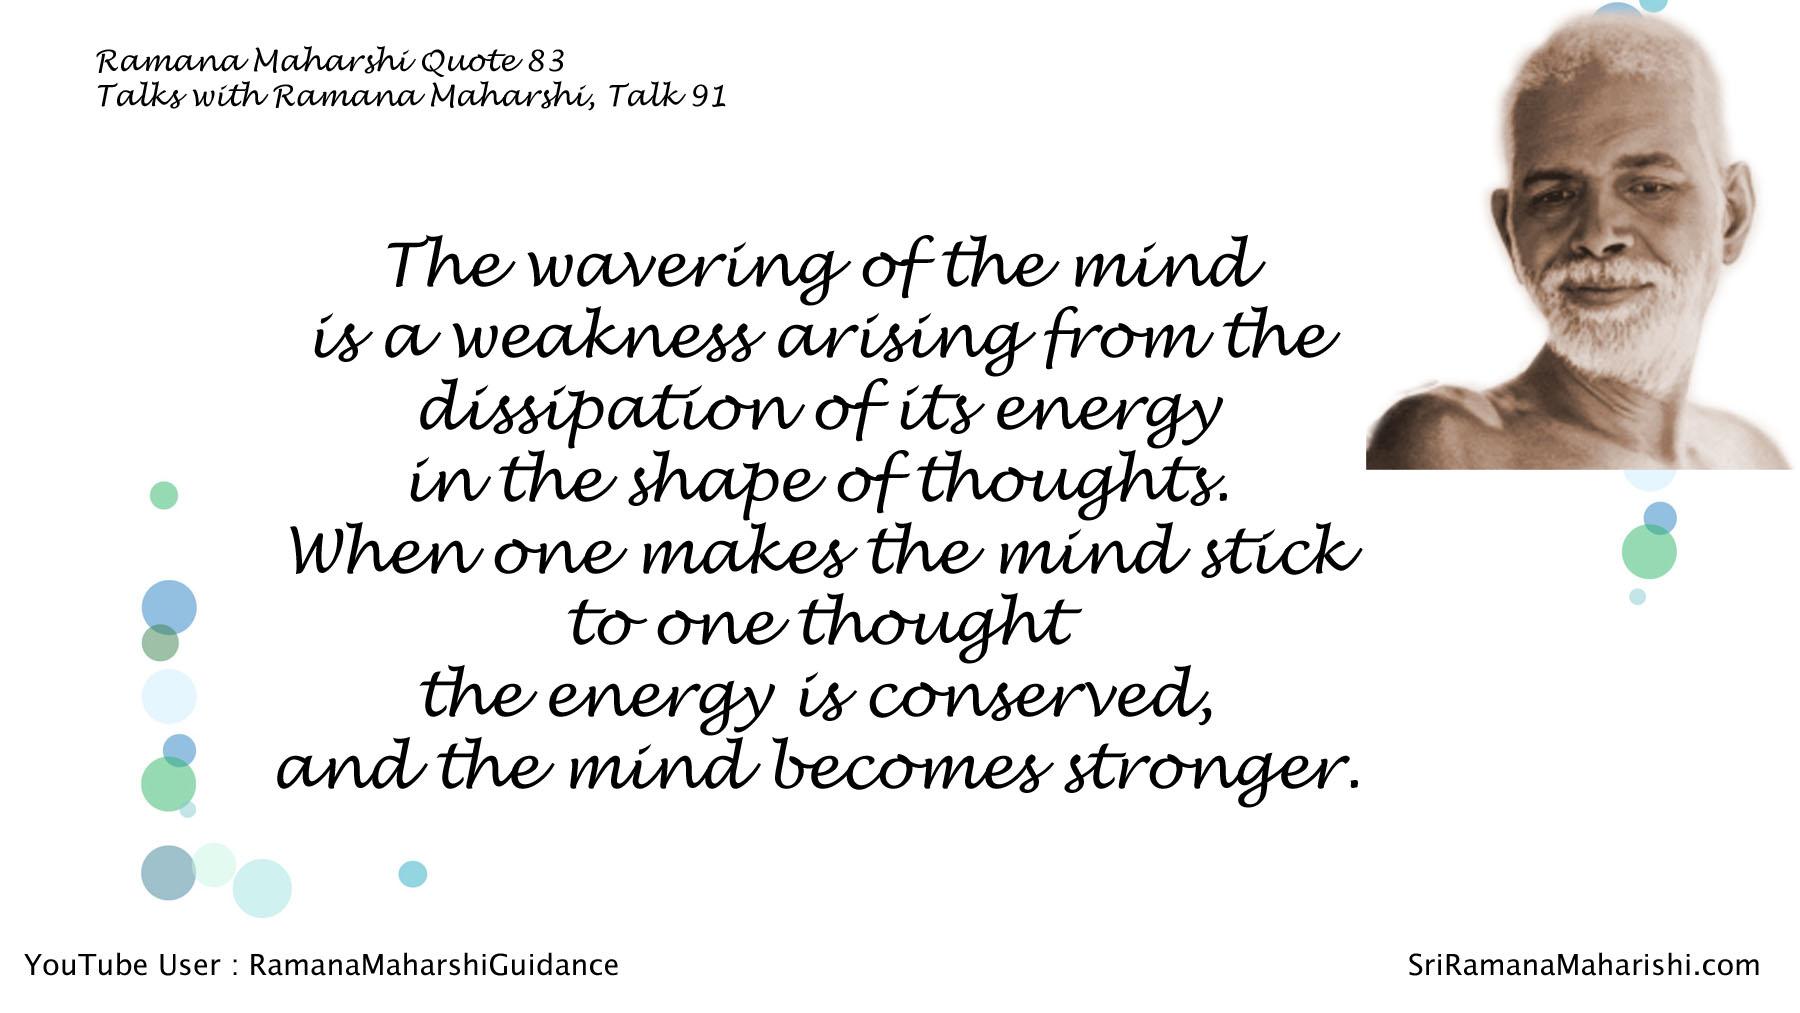 Ramana Maharshi Quote 83